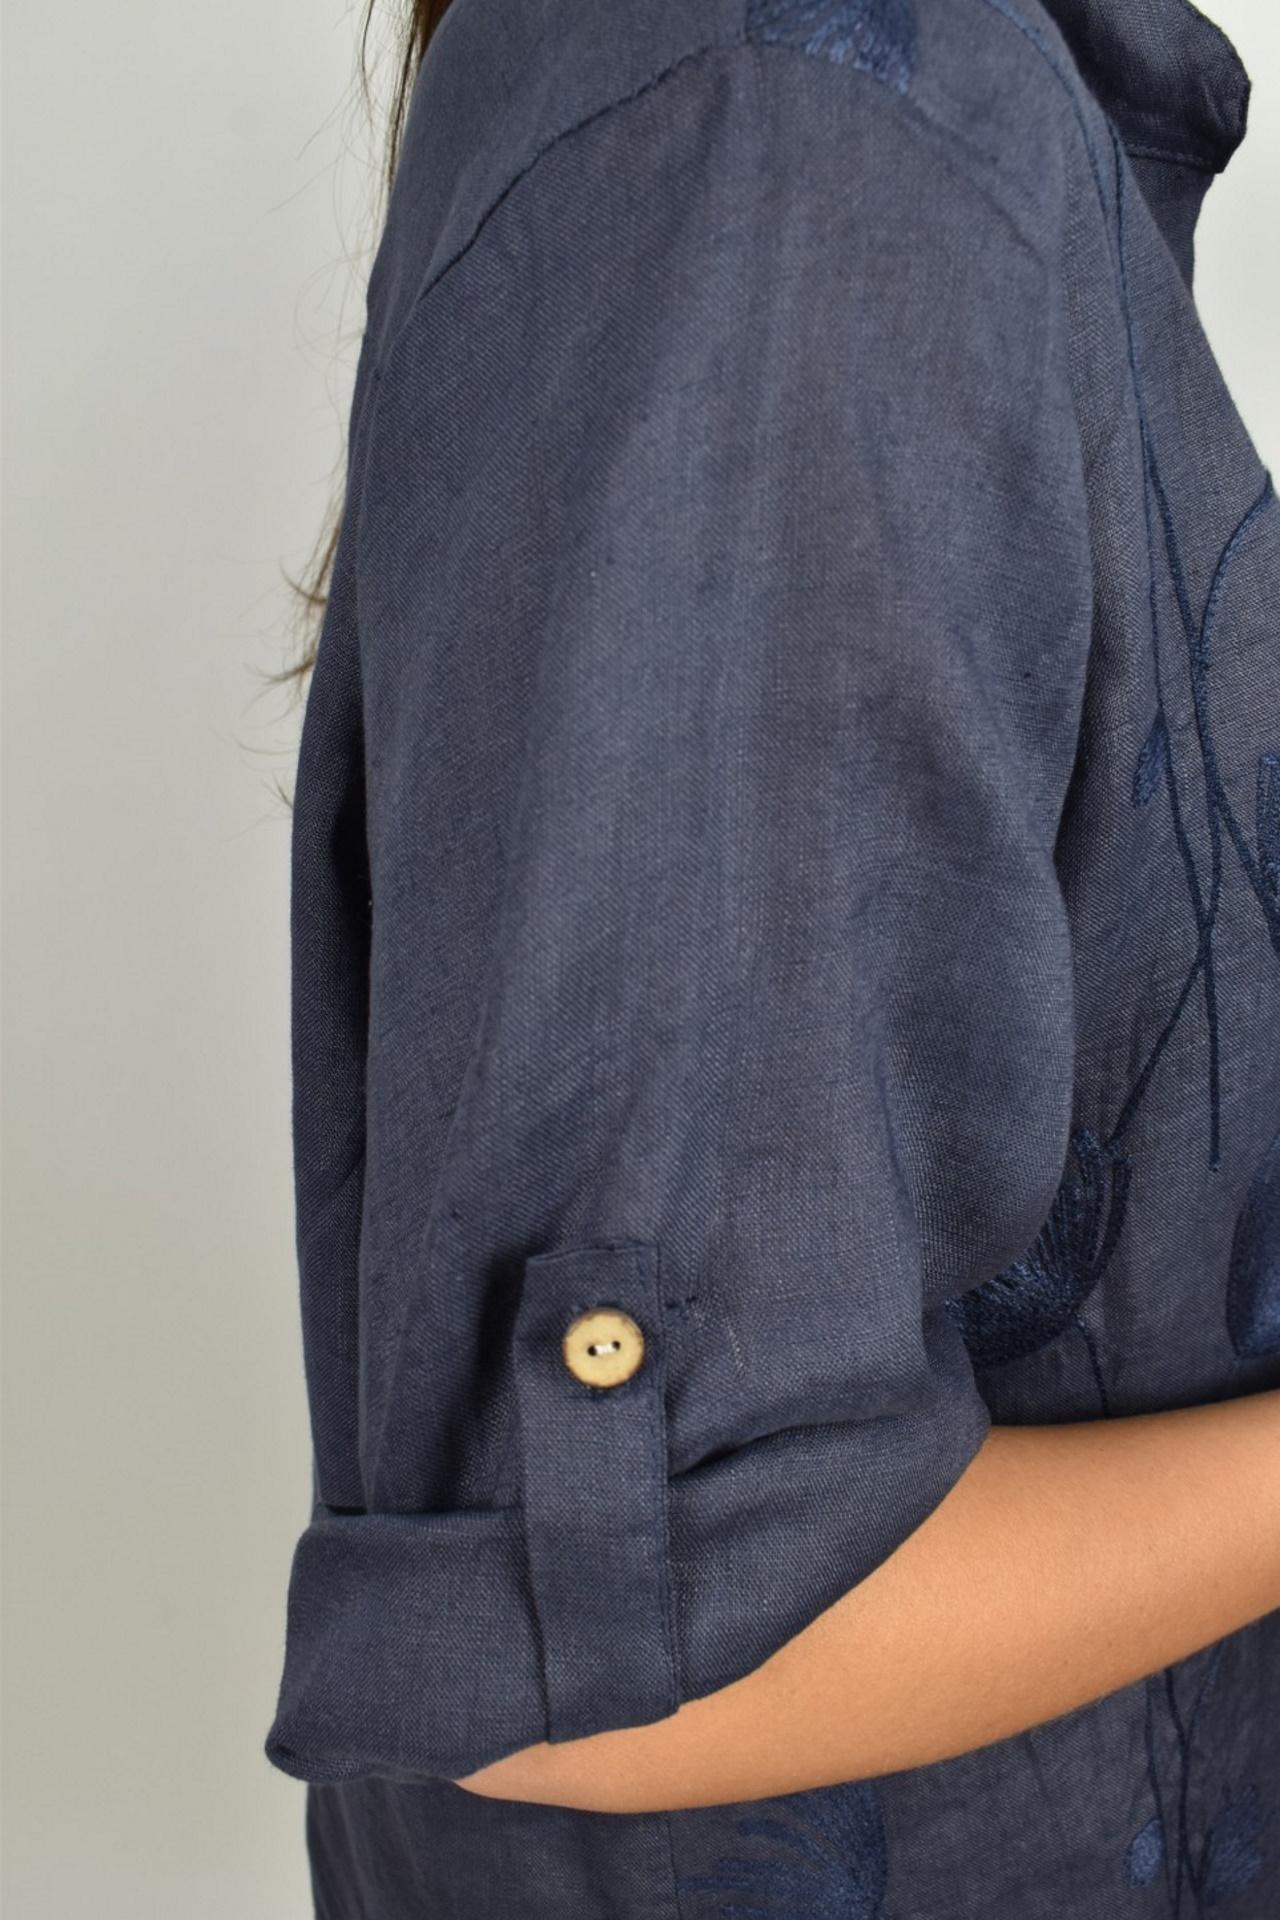 CAMMAXPE2101 BLU CAMICIA DA DONNA MANICA 34 100 LINO 3 1stAmerican camicia manica 3/4 da donna 100% lino Made in Italy - vestito collo a y da spiaggia donna